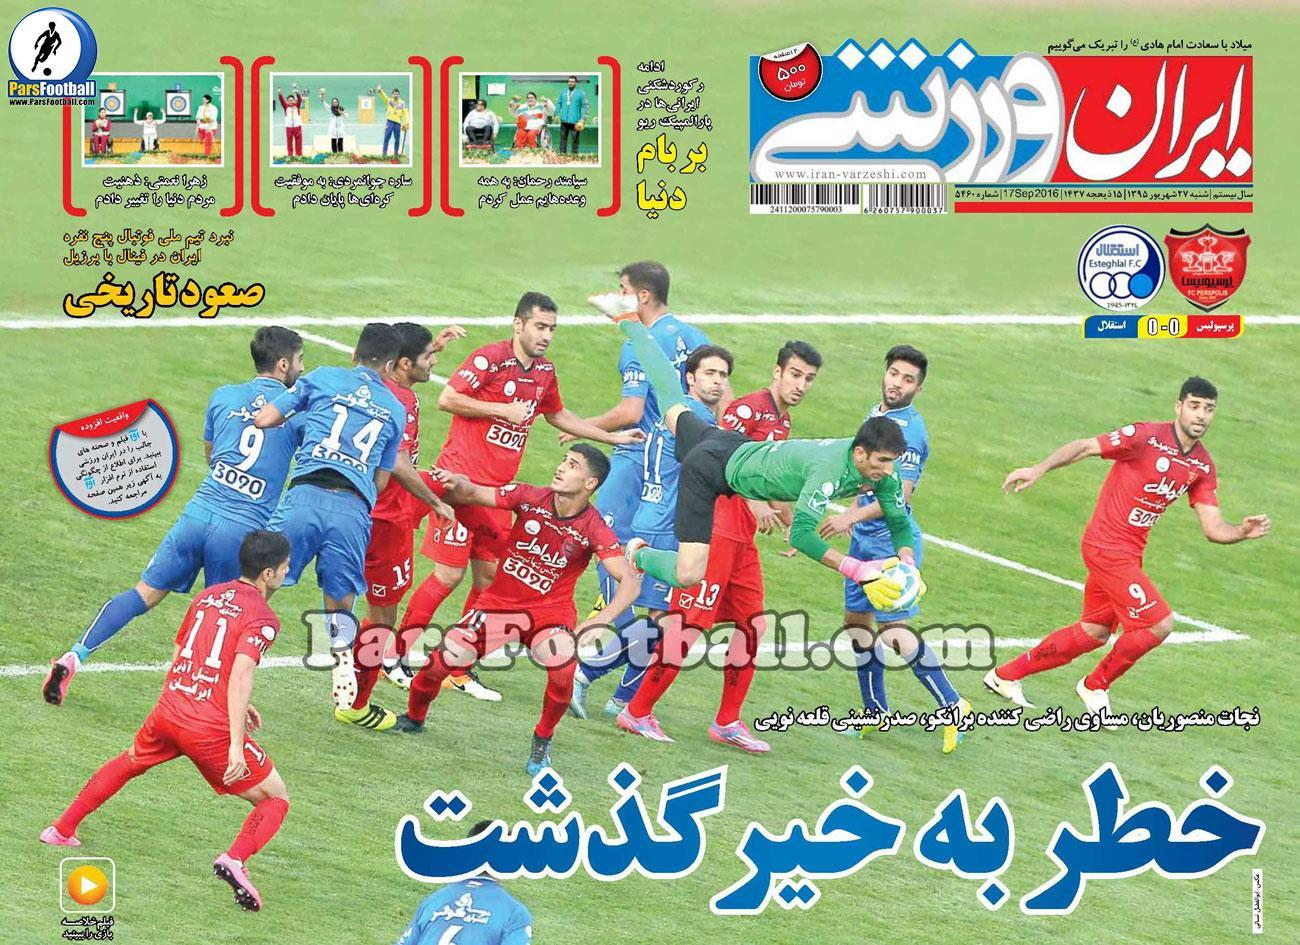 روزنامه ایران ورزشی شنبه 27 شهریور 95